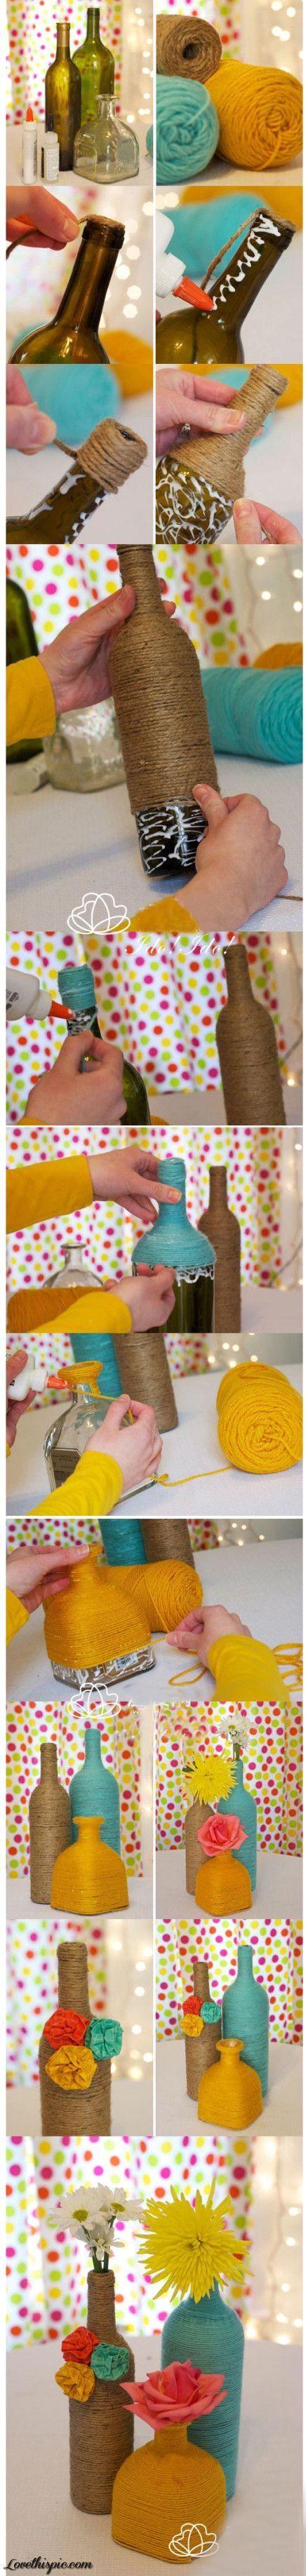 DIY Yarn Bottles diy crafts craft ideas easy crafts diy ideas diy idea diy home diy vase easy diy for the home crafty decor home ideas diy decorations by Kimberly23